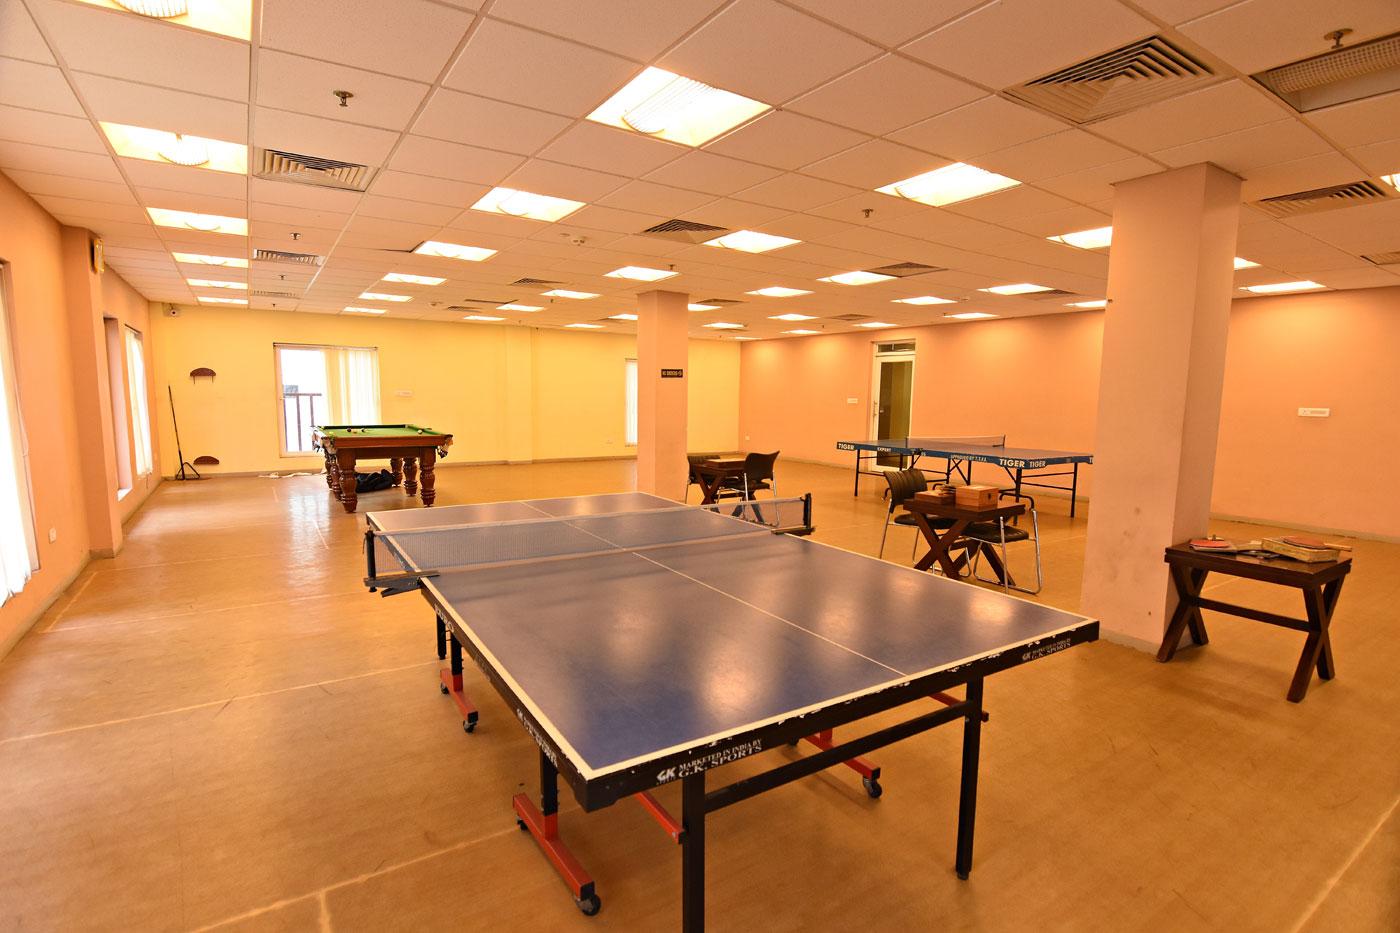 Indoor games arena : Actual Image